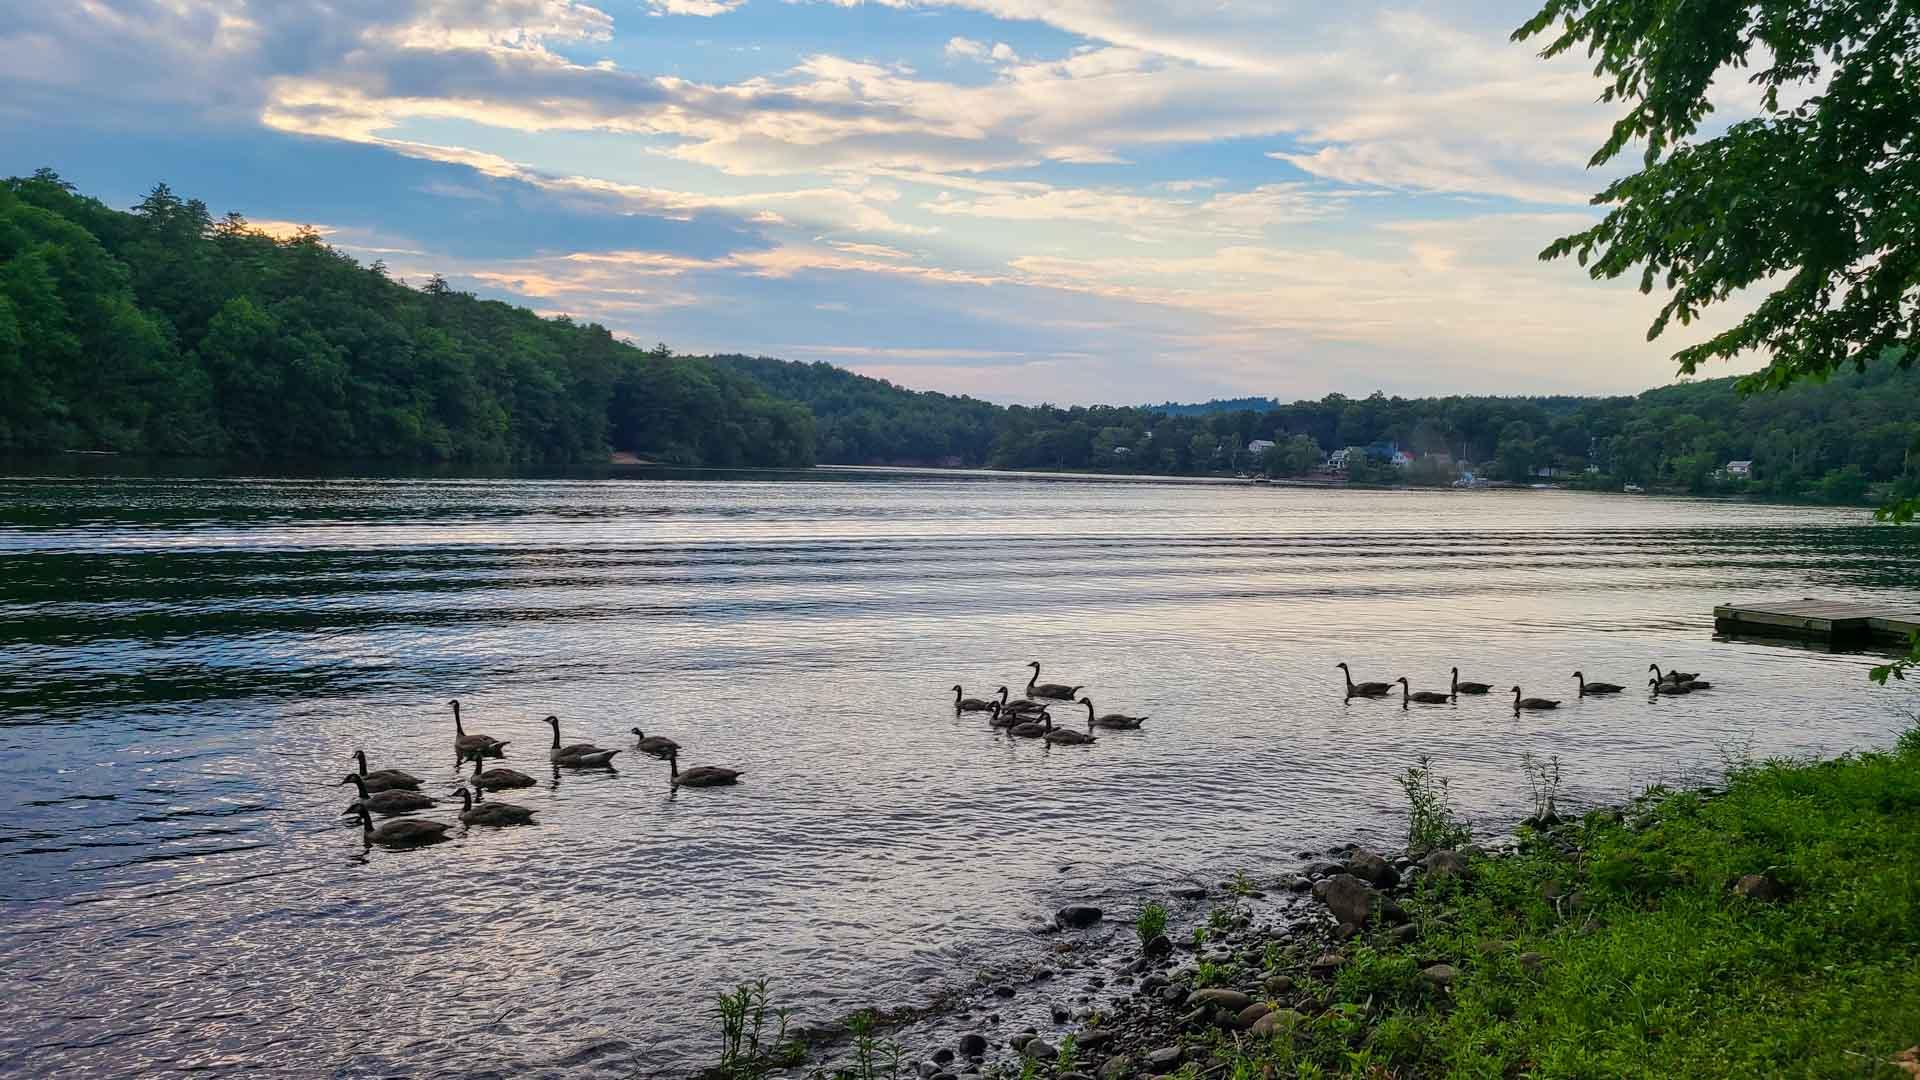 Atardecer en el Río Hudson, Lake Luzerne, Nueva York